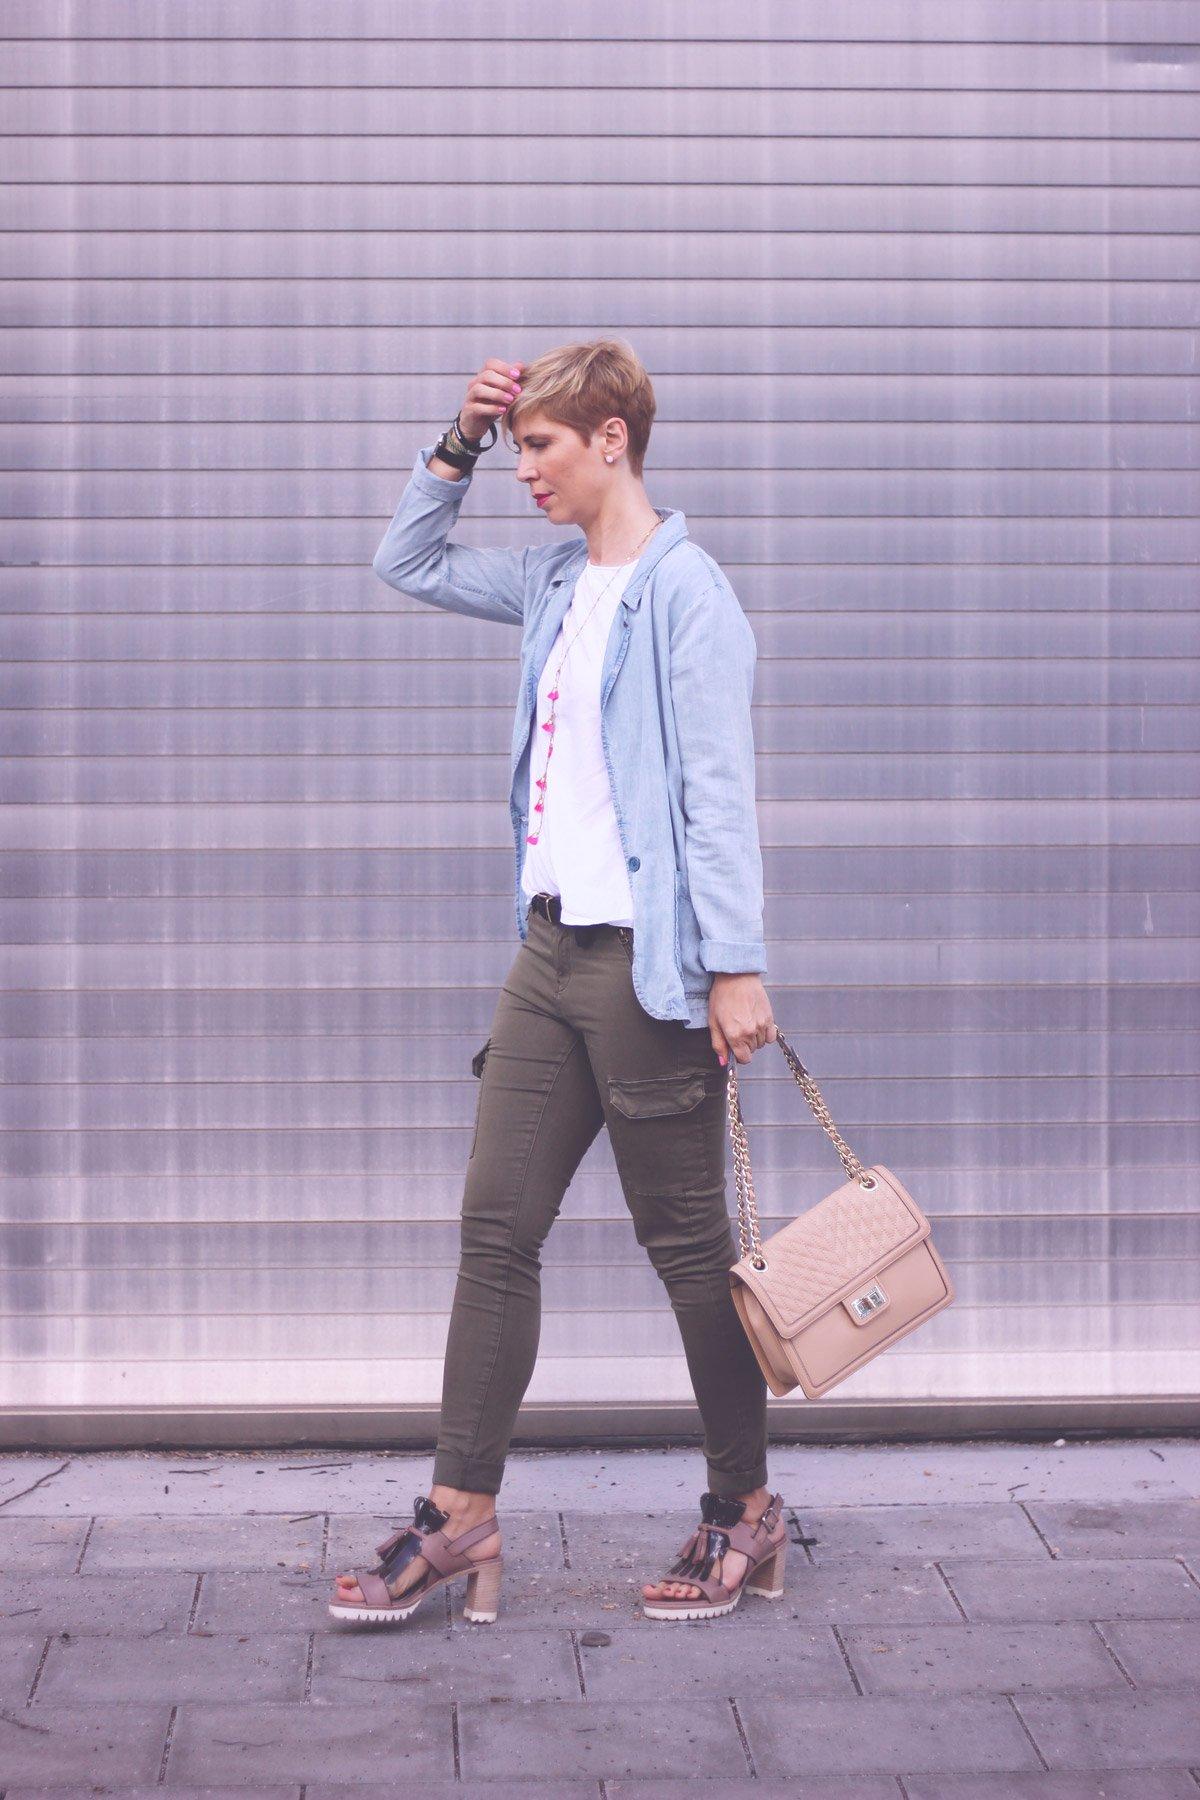 casual Outfit, Cargohose, Conny Doll, weißes Shirt, Sandalen, Denimblazer, Statementkette, KL-Tasche, lässiger Look